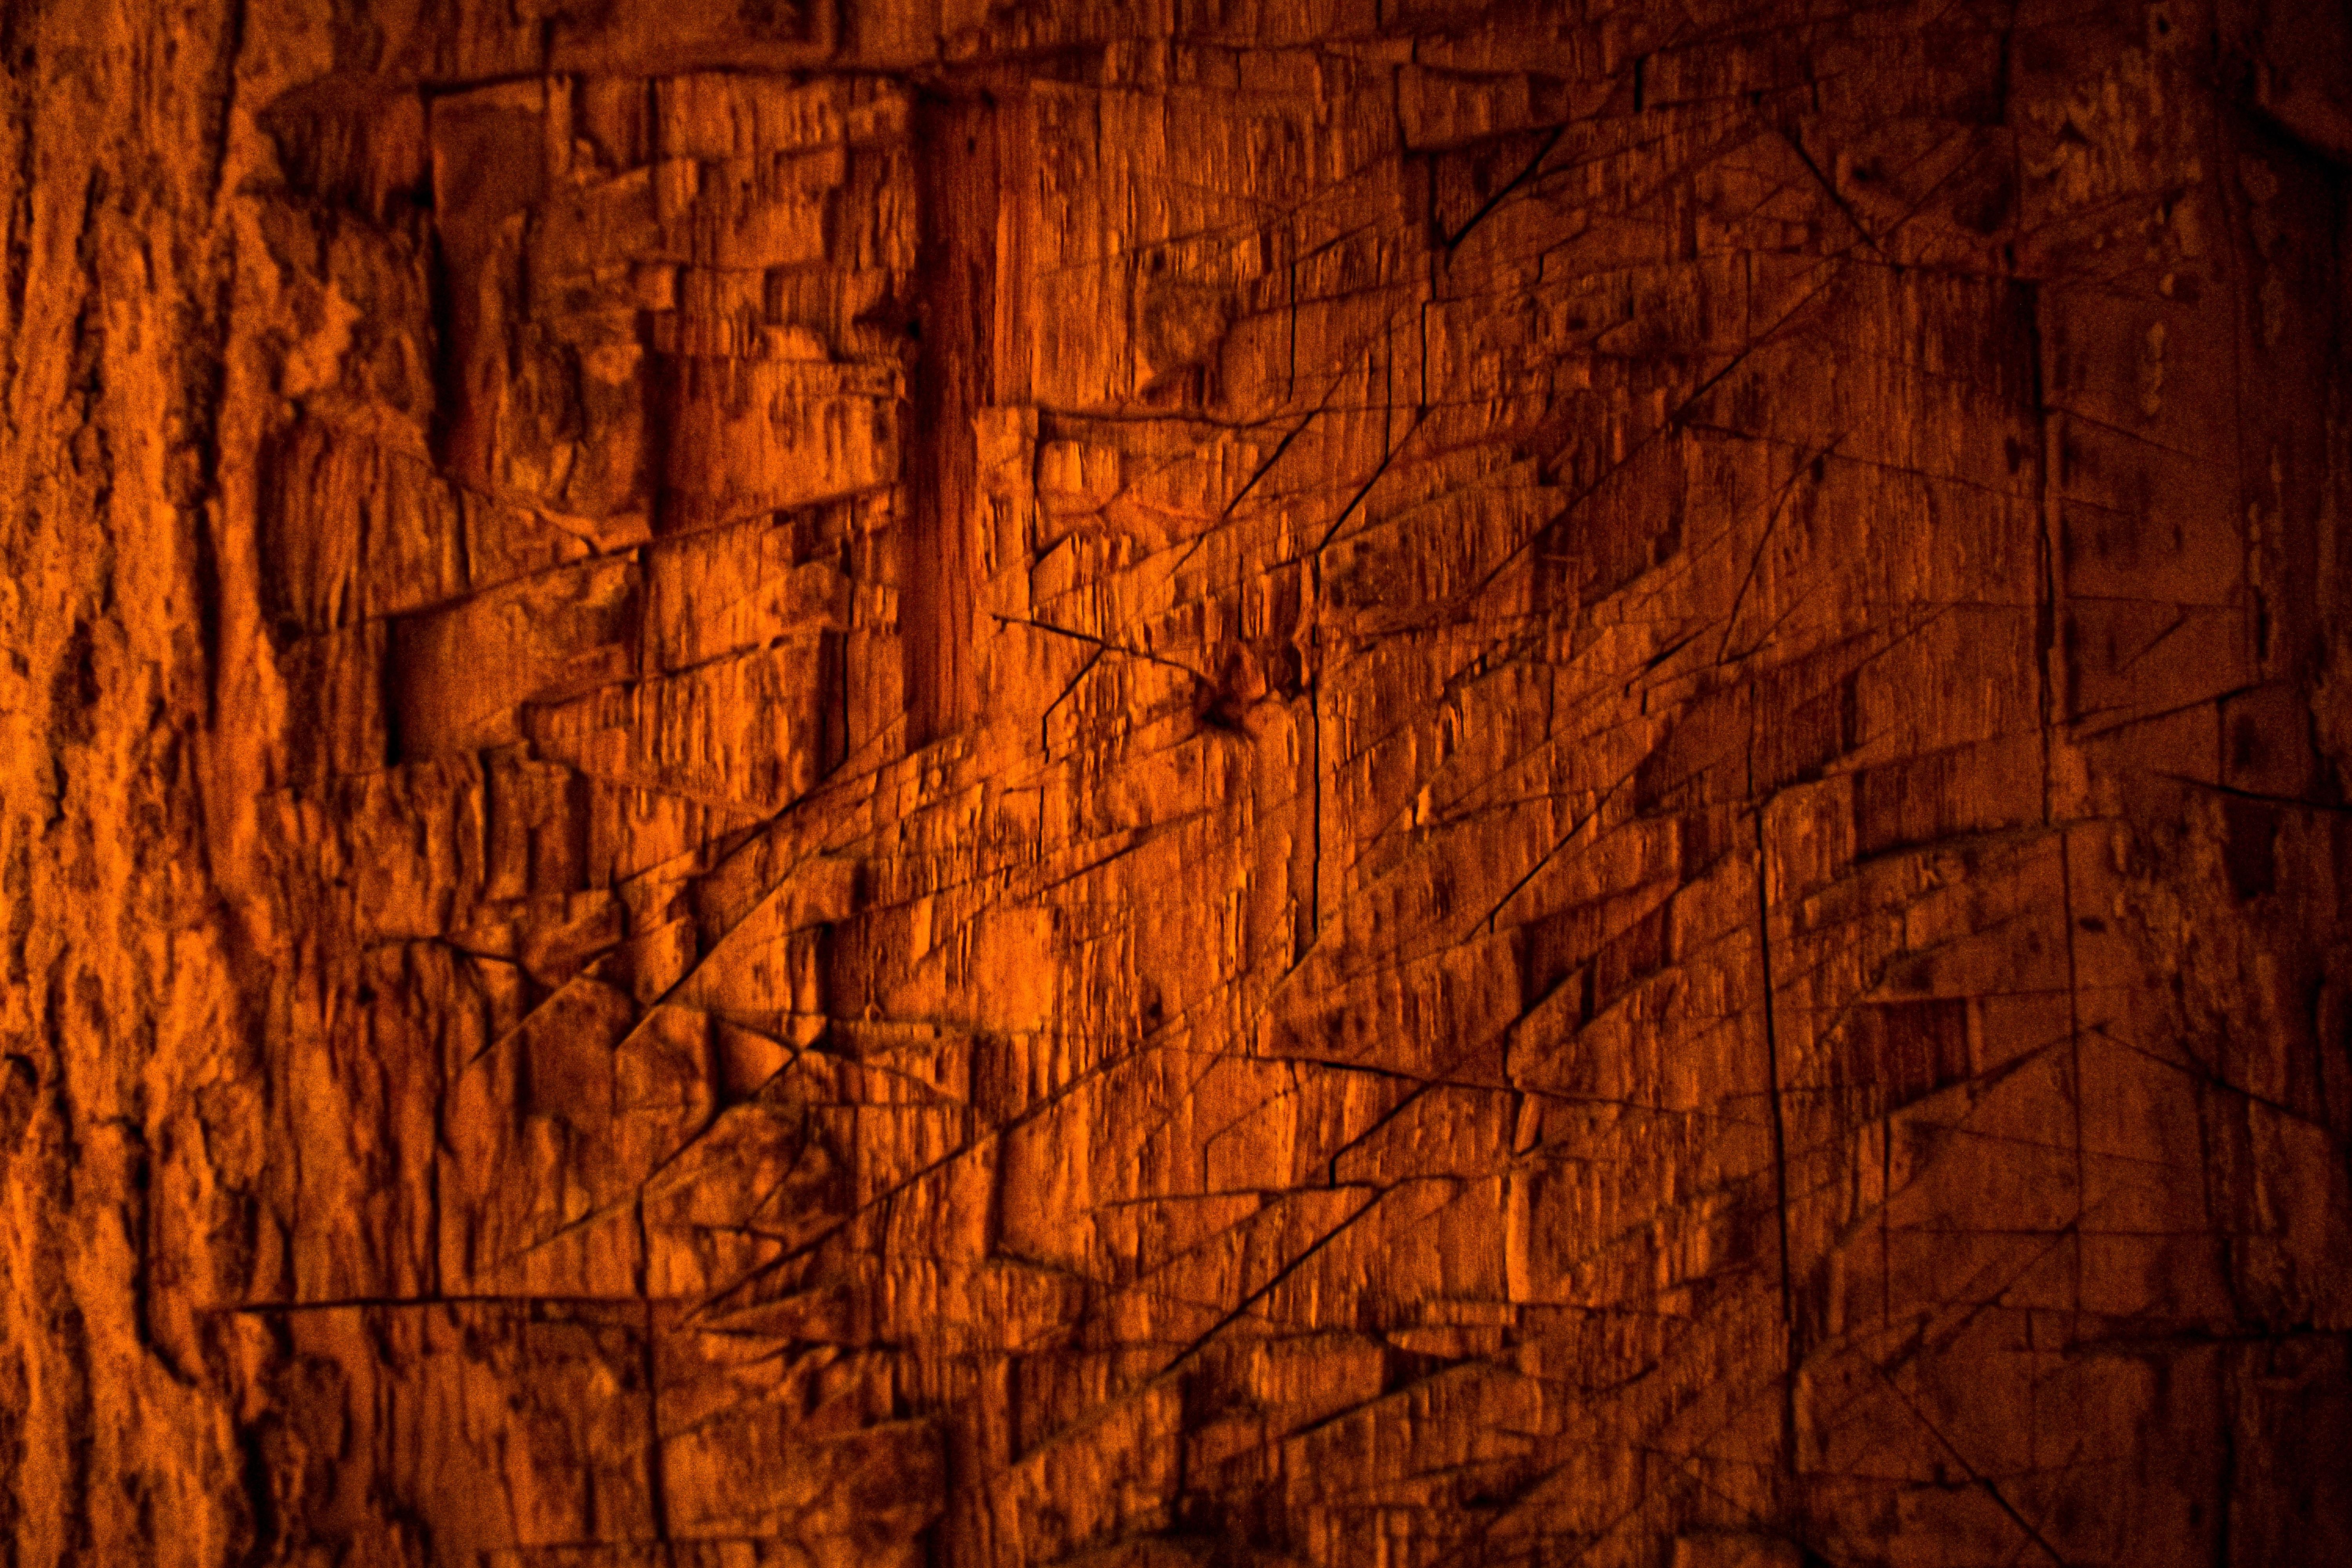 63976 Protetores de tela e papéis de parede Texturas em seu telefone. Baixe Texturas, Madeira, Árvore, Textura, Arranhões, Latido, Casca fotos gratuitamente